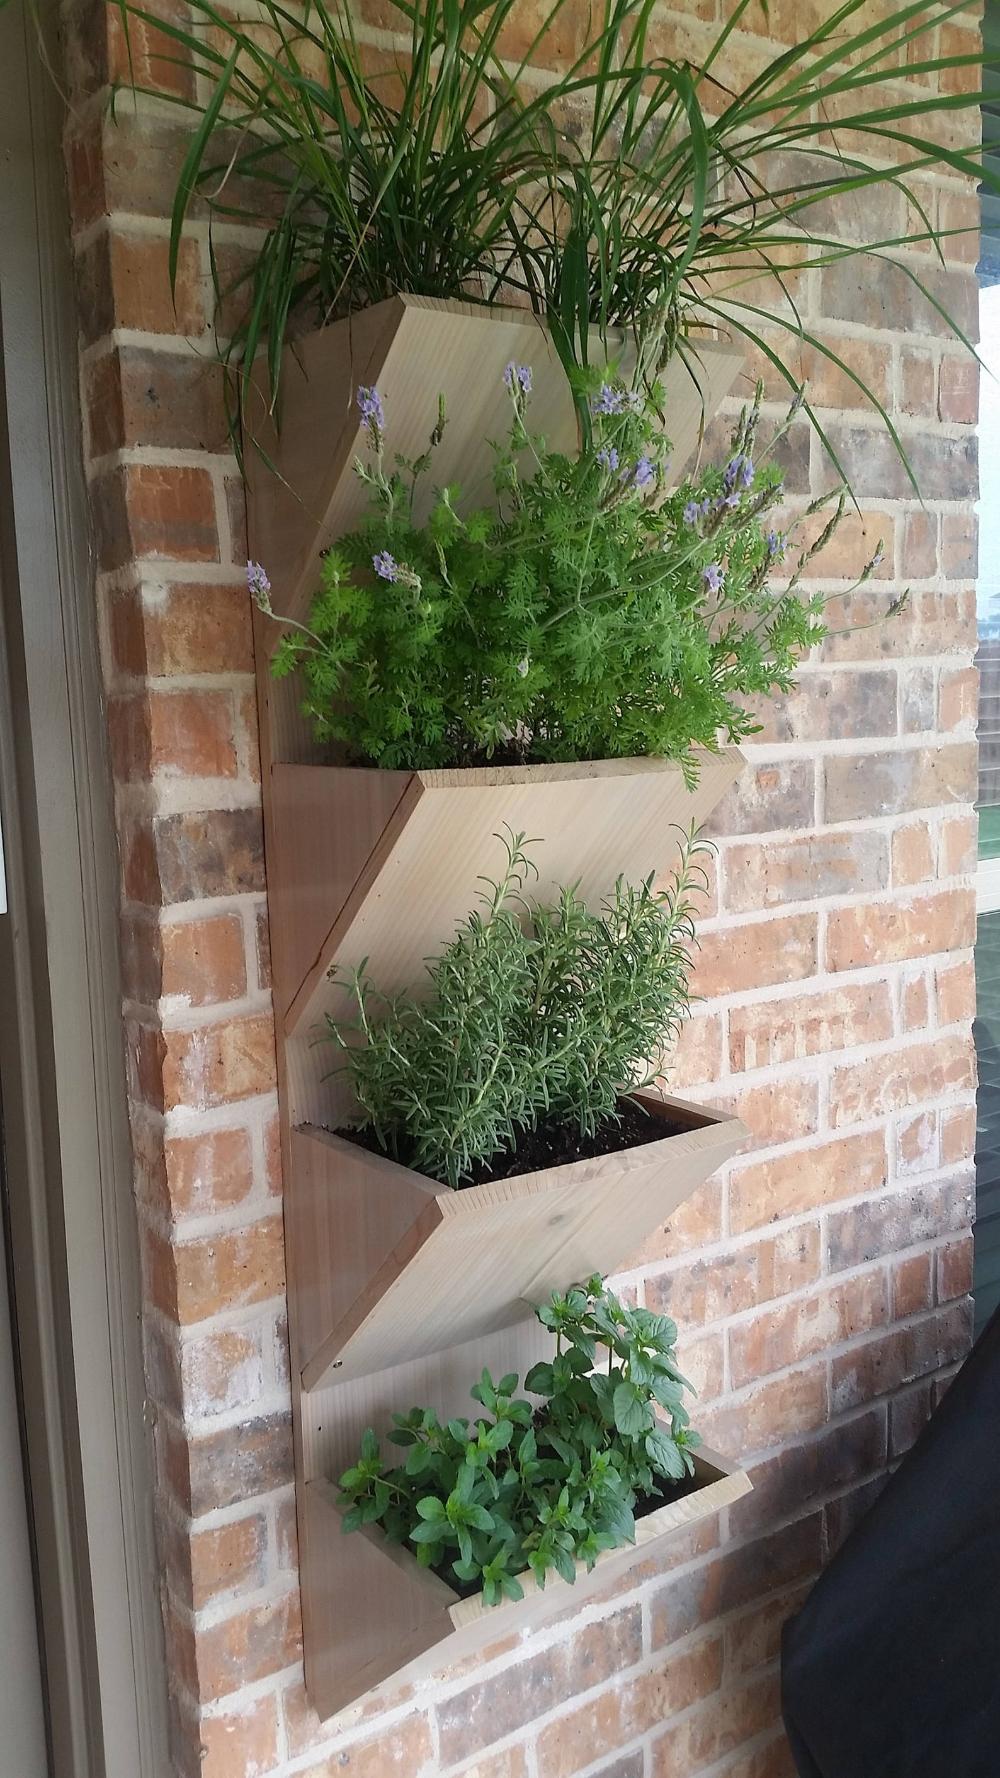 Wall Planter Box | Herb Garden Planter | 4 Tier Vertical Garden Planter | Large Planter Box Outdoor